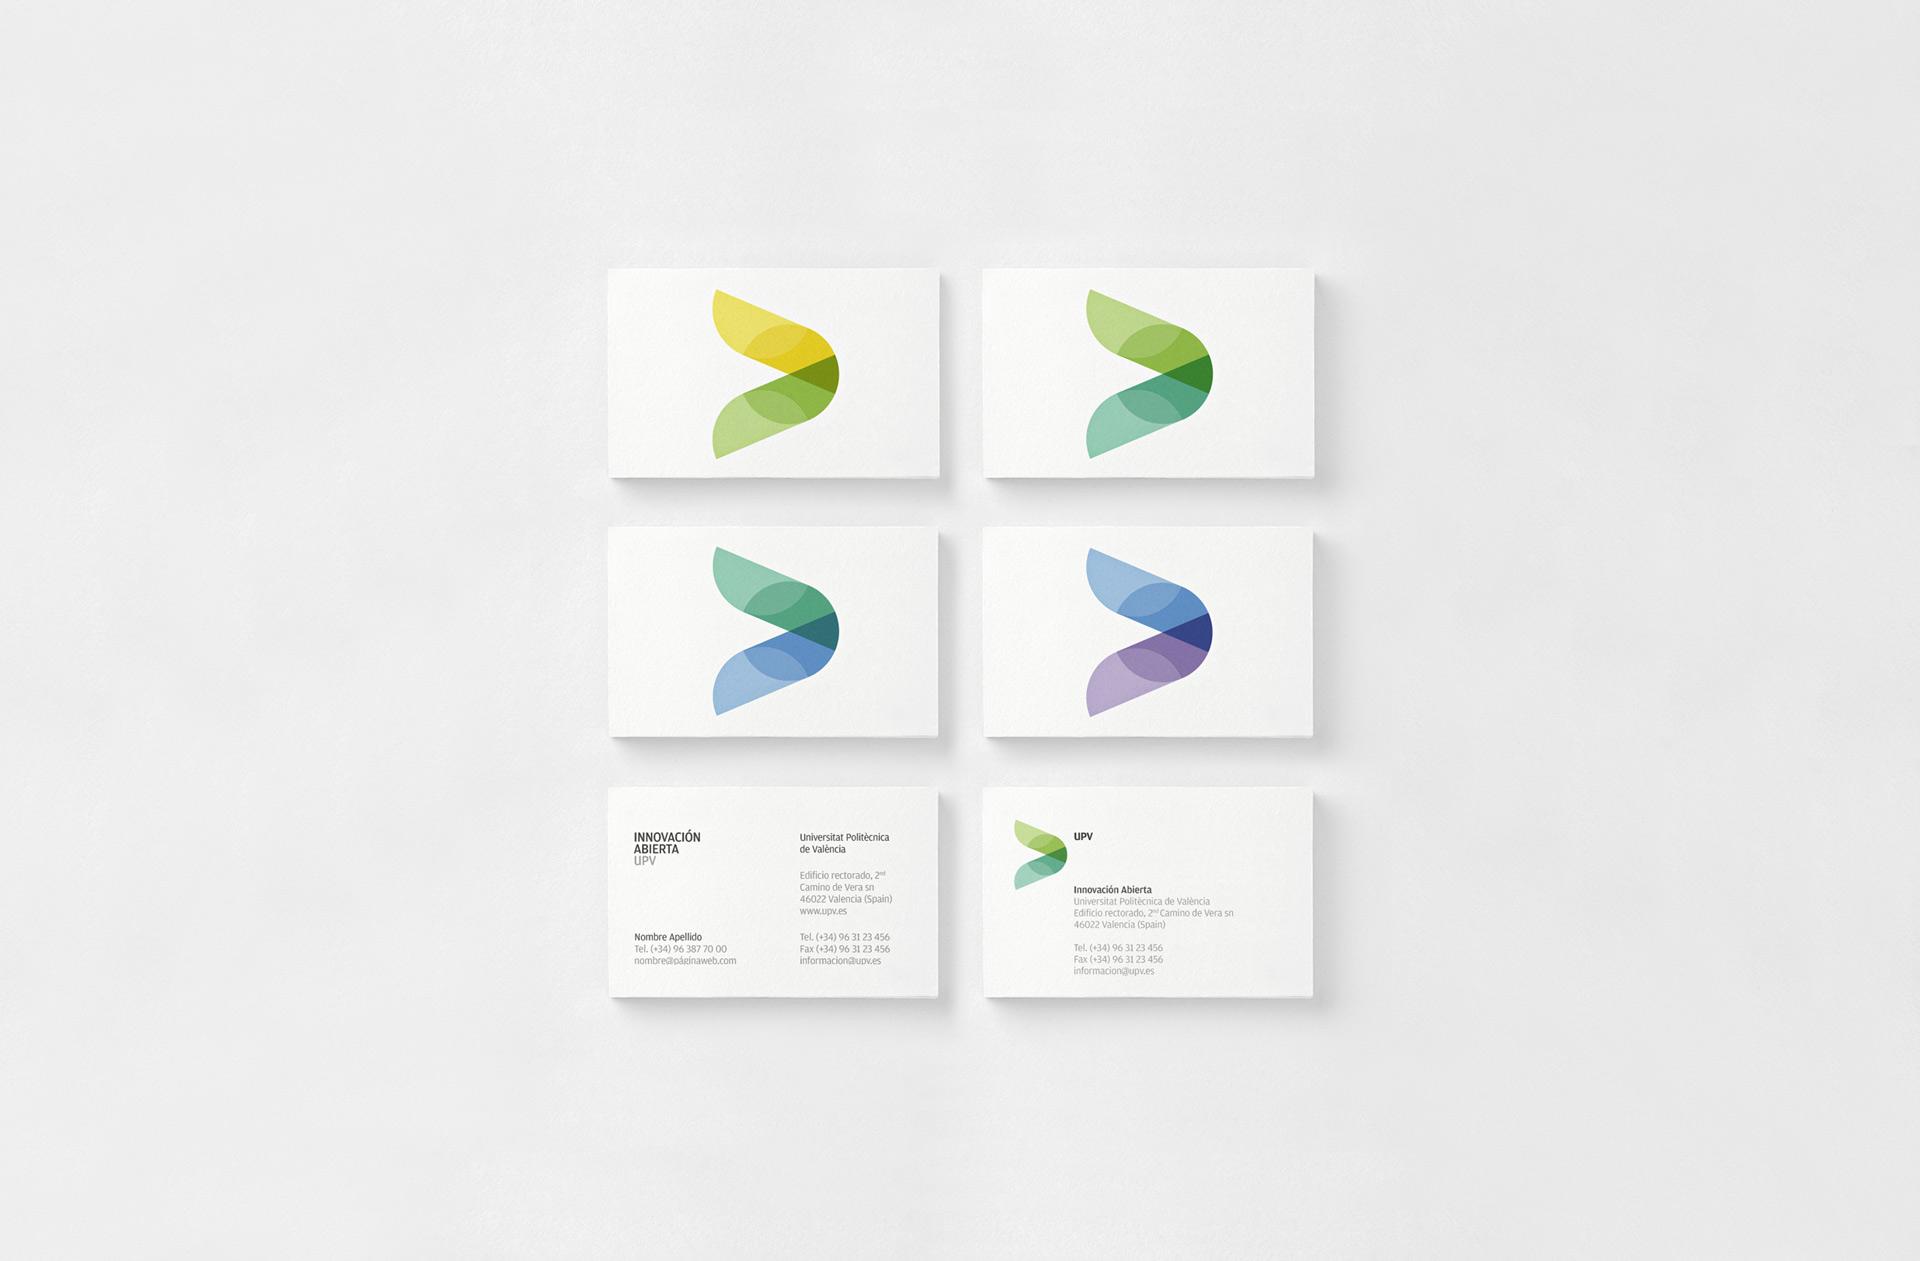 Fase, estudio de diseño gráfico. Identidad corporativa de Innovación Abierta, Universitat Politècnica de València. Tarjetas